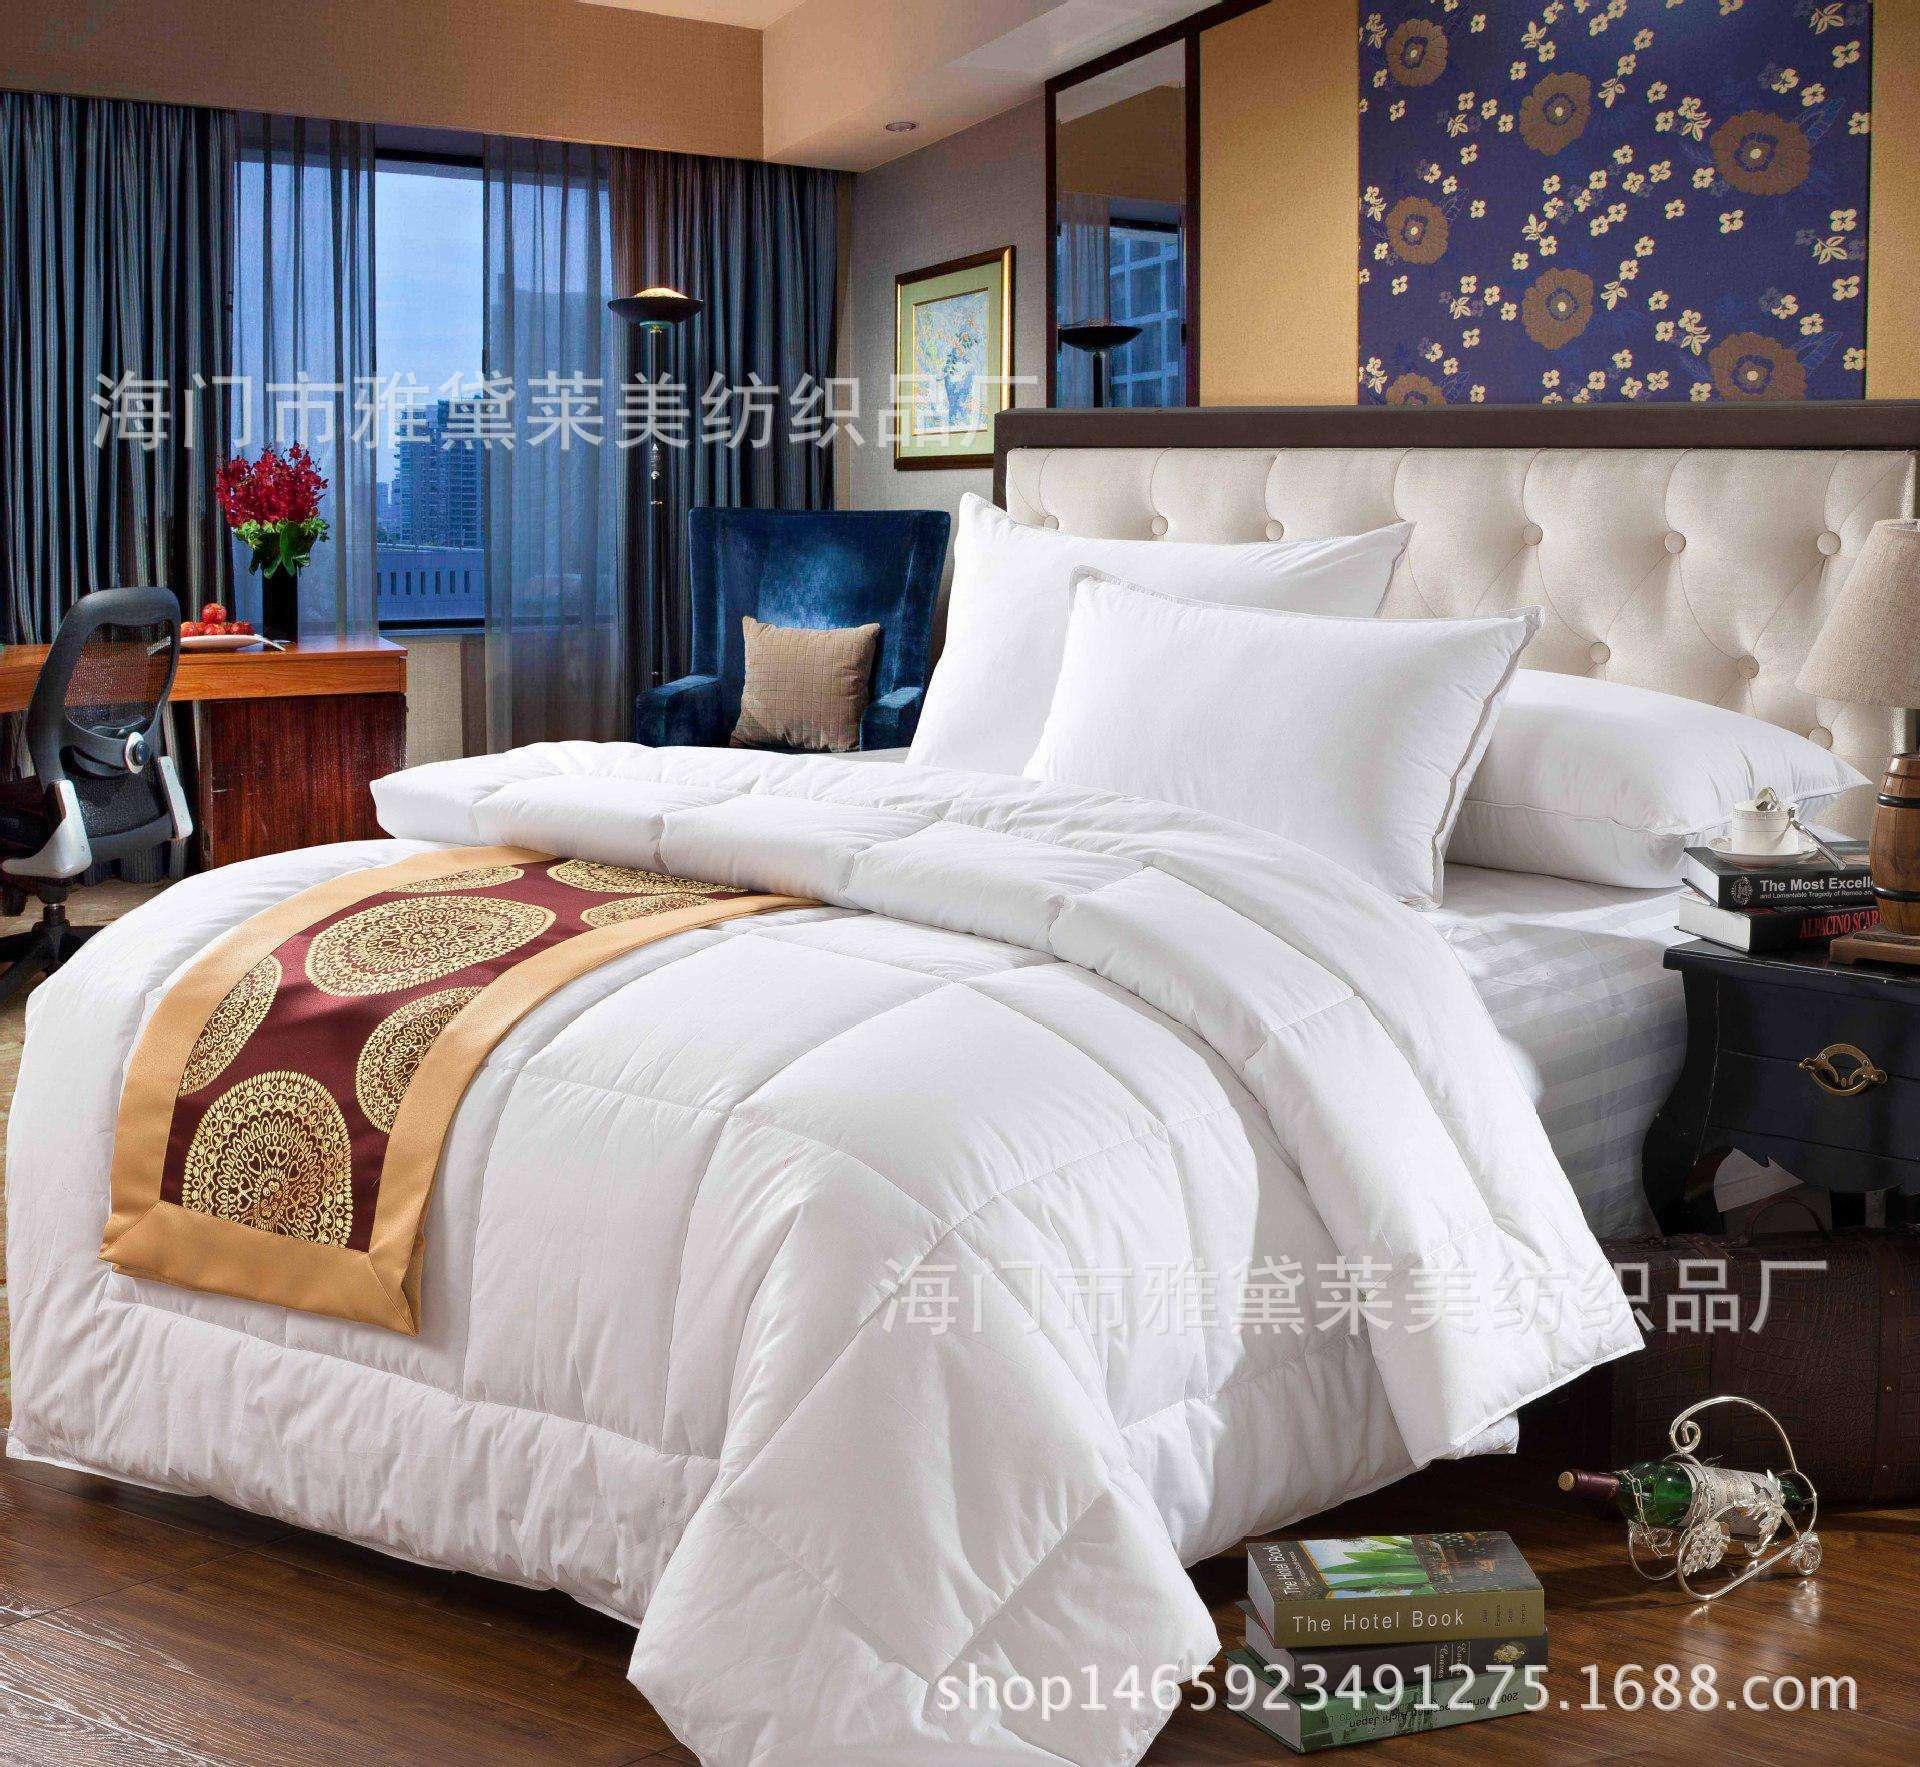 宾馆酒店床上用品优质宾馆夏被酒店夏被仿丝棉水洗久不变型批发